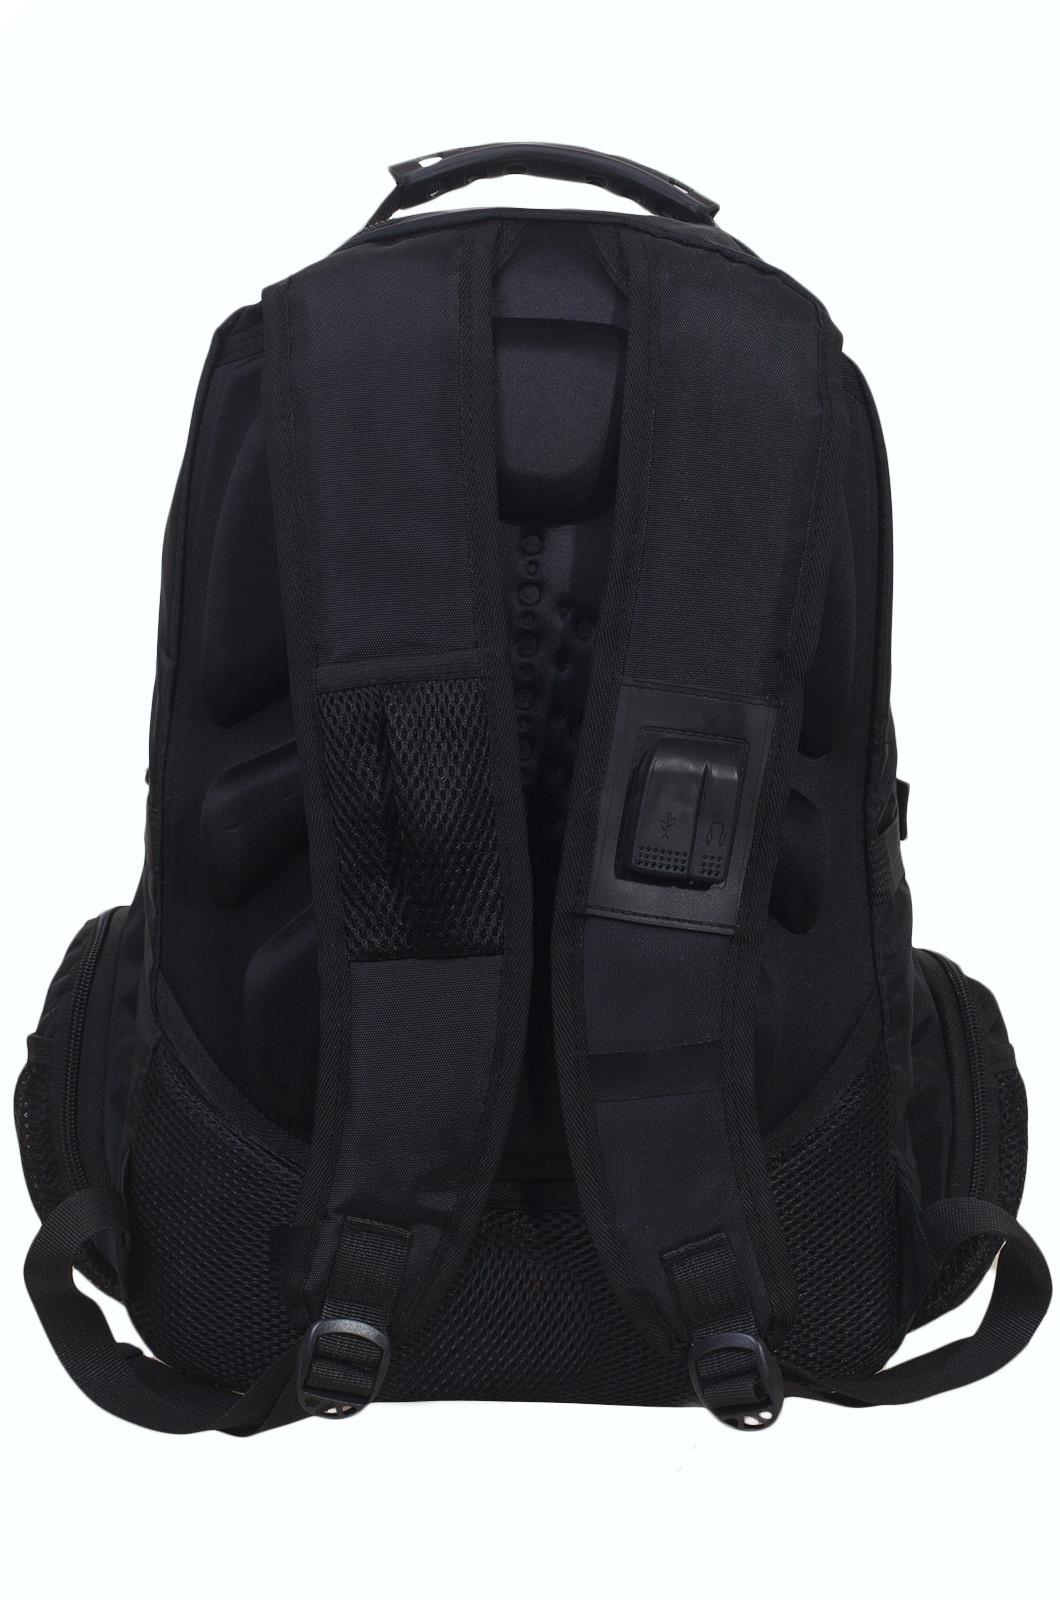 Черный мужской рюкзак с нашивкой Череп купить в подарок